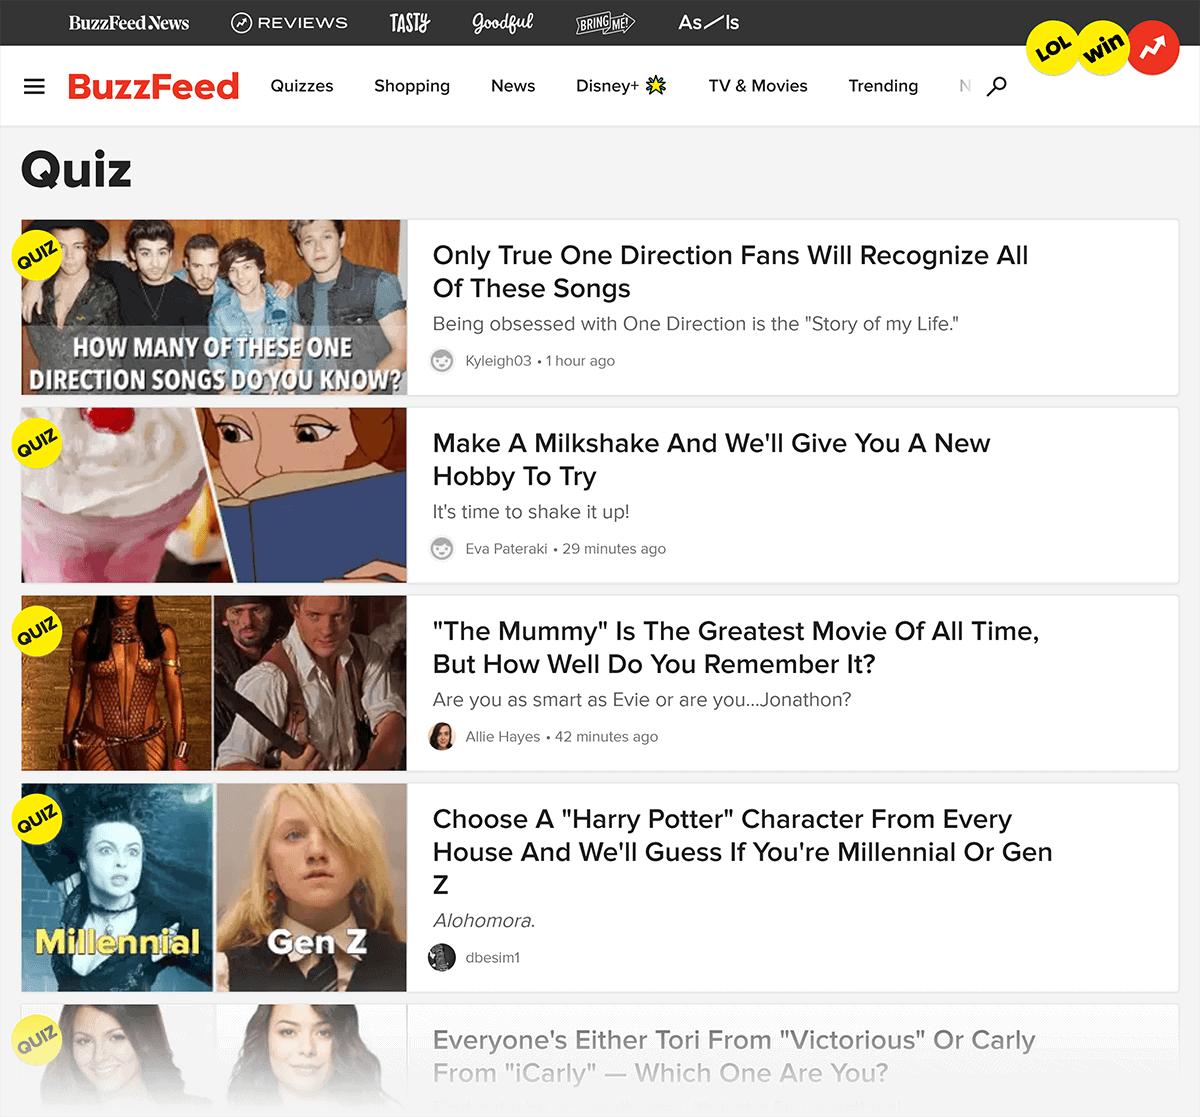 BuzzFeed quizzes